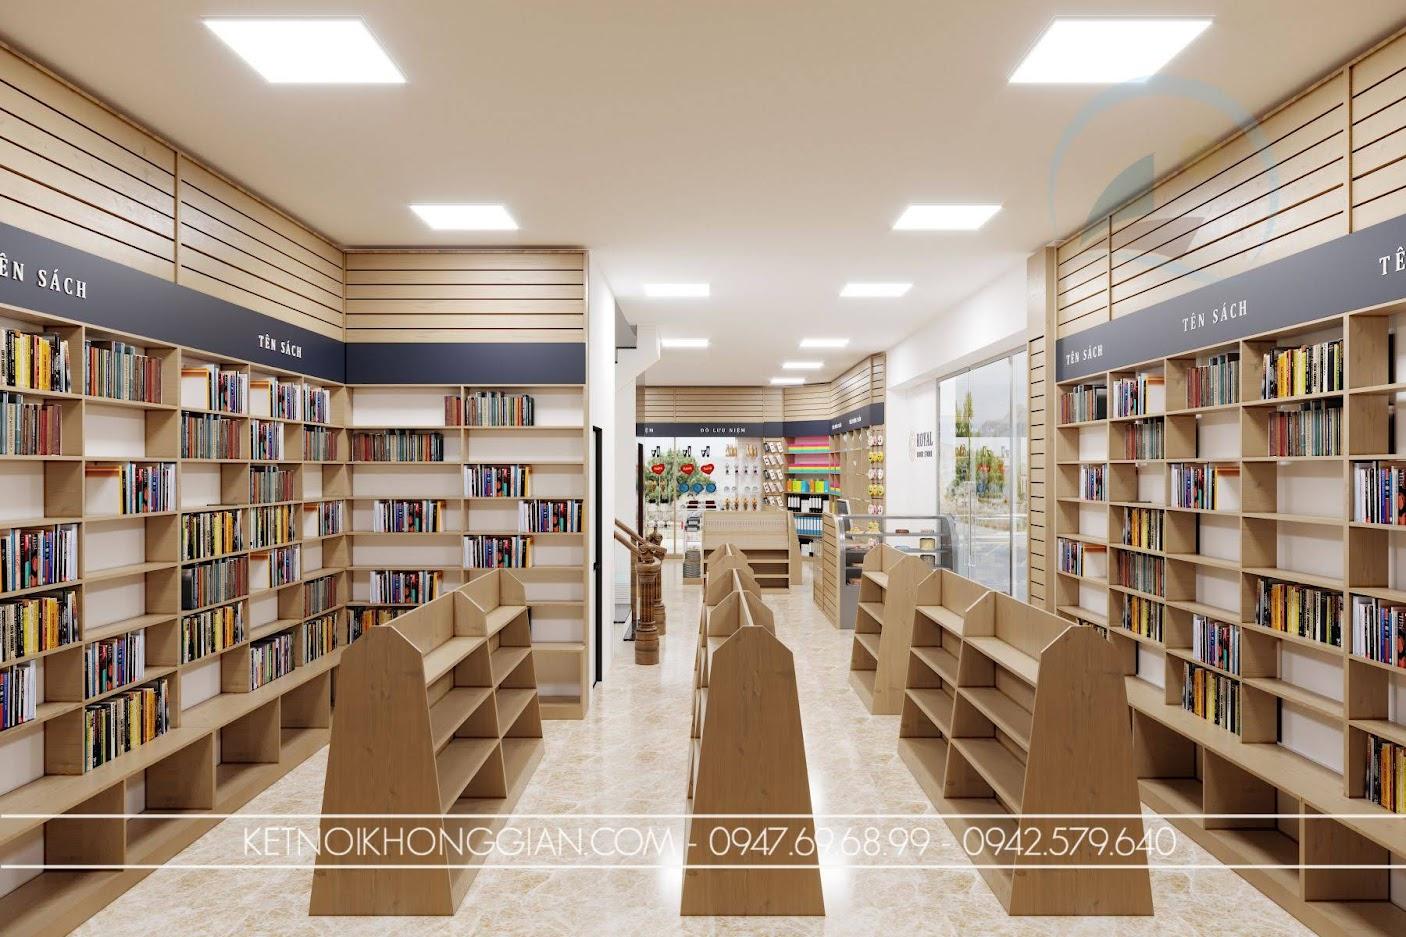 thiết kế nhà sách tại hà nội